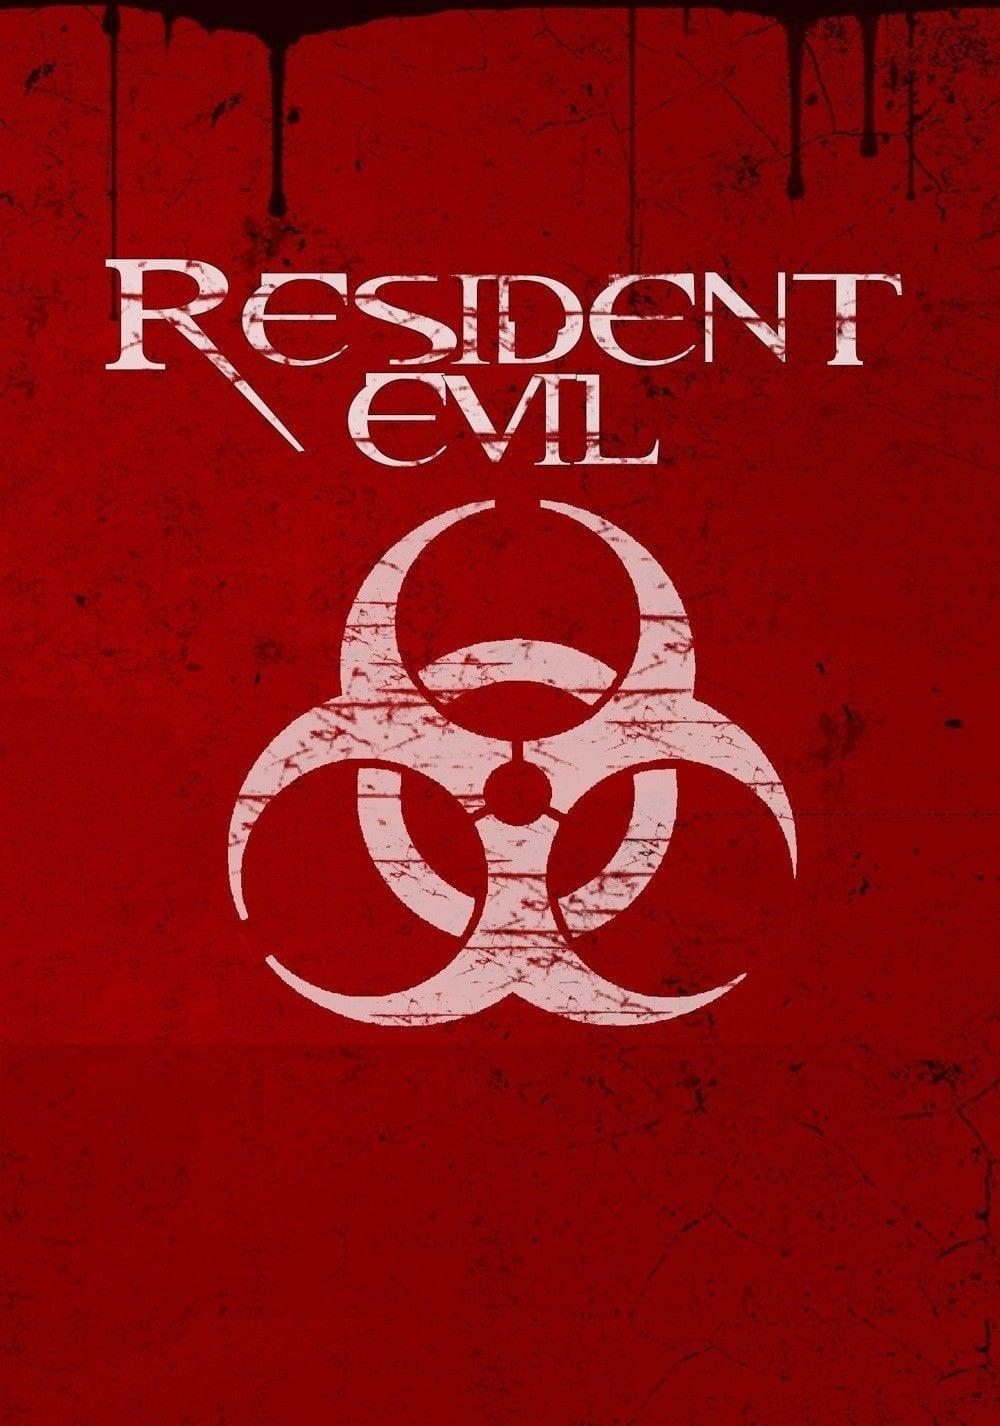 Resident Evil teaser image